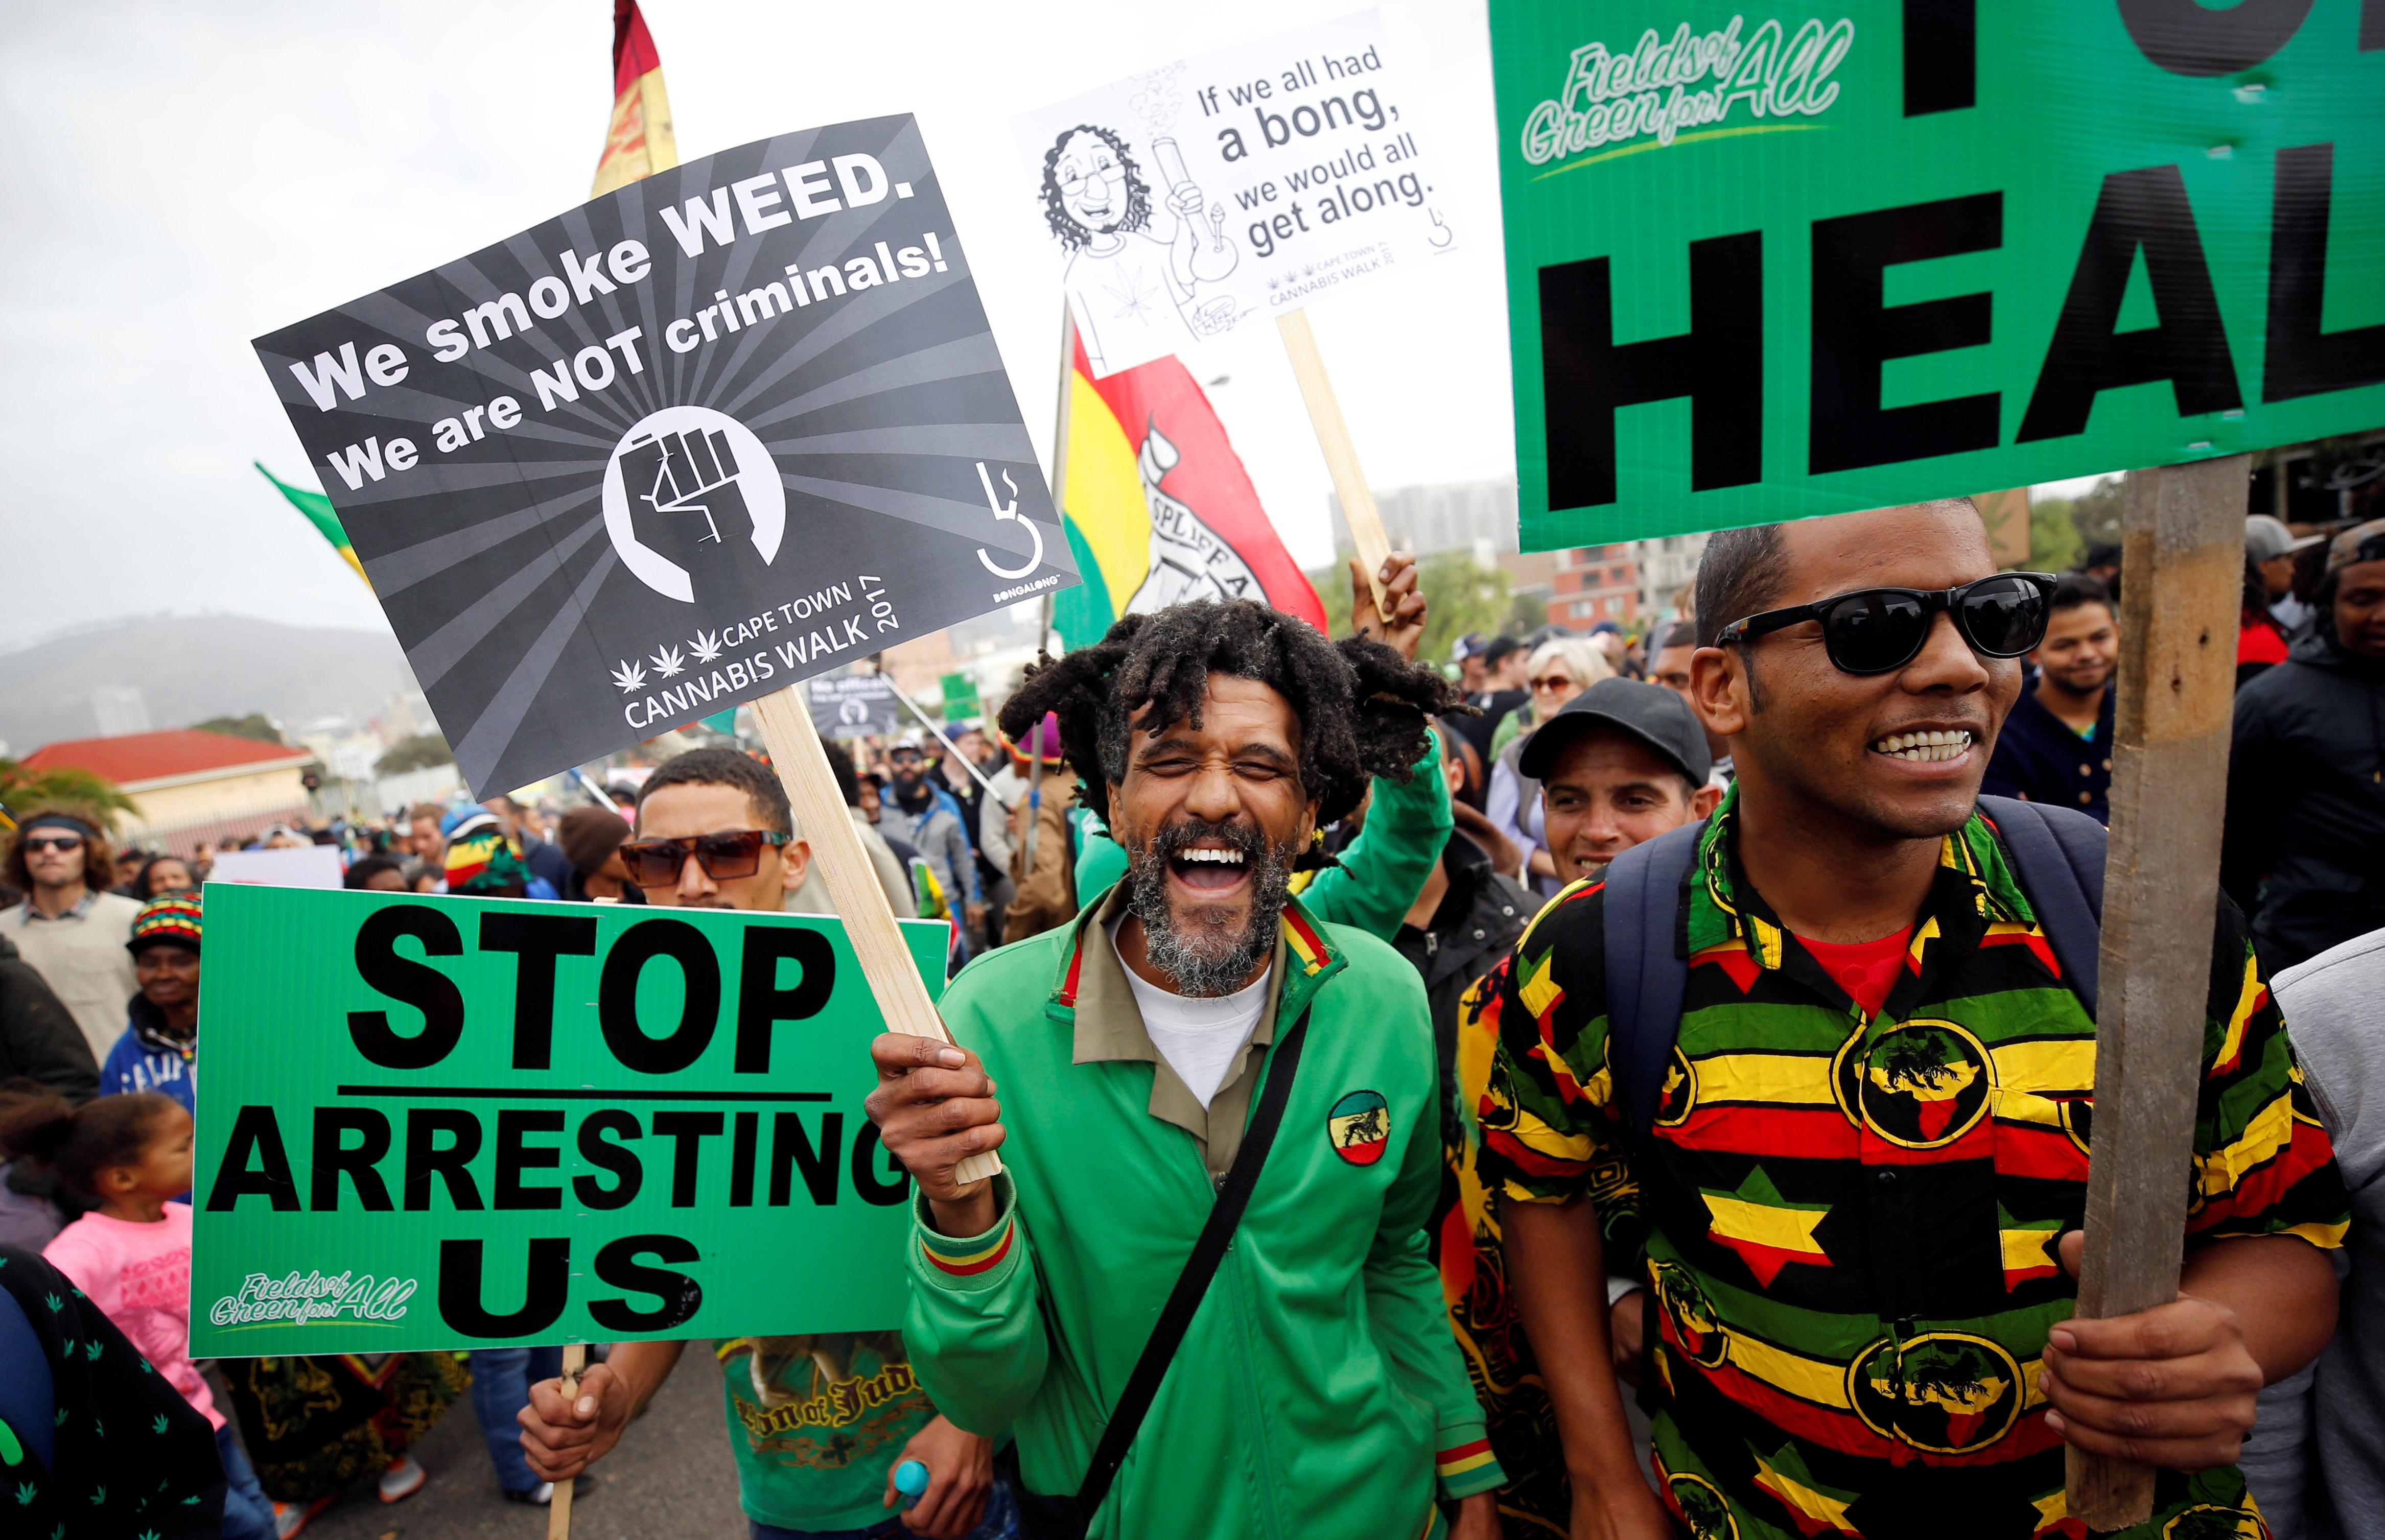 Os manifestantes seguram faixas durante uma marcha de 2017 pedindo a legalização da cannabis na África do Sul.